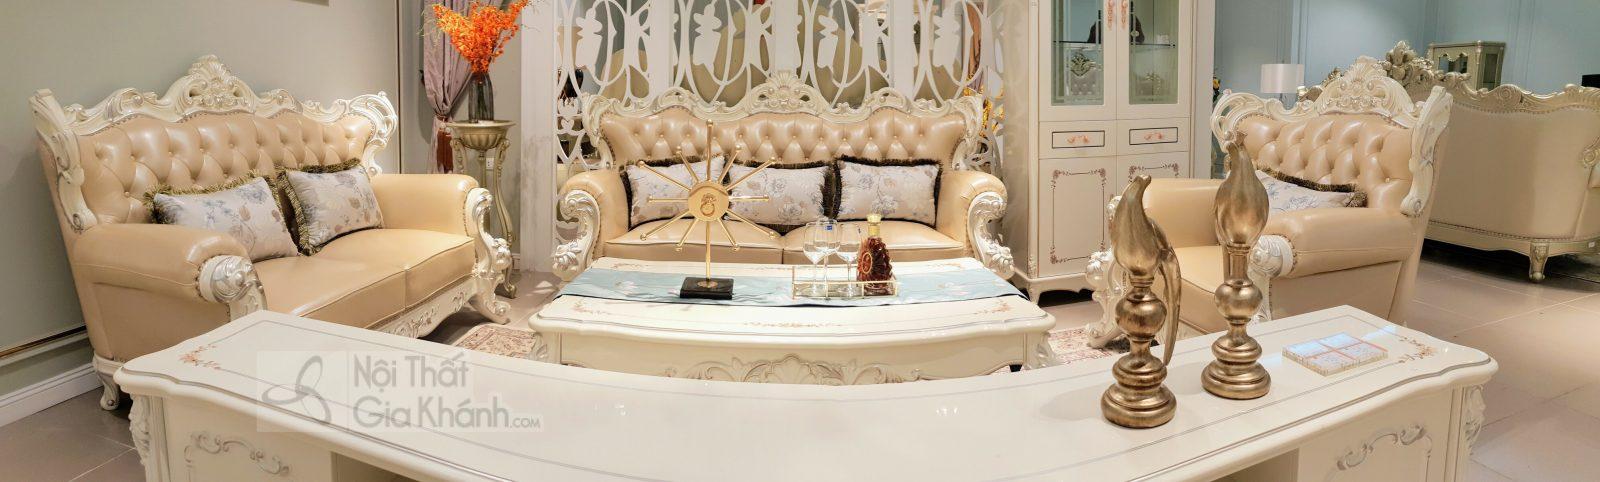 Sofa (salon) tân cổ điển đẳng cấp hoàng gia H963SF - sofa tan co dien H963SF 2